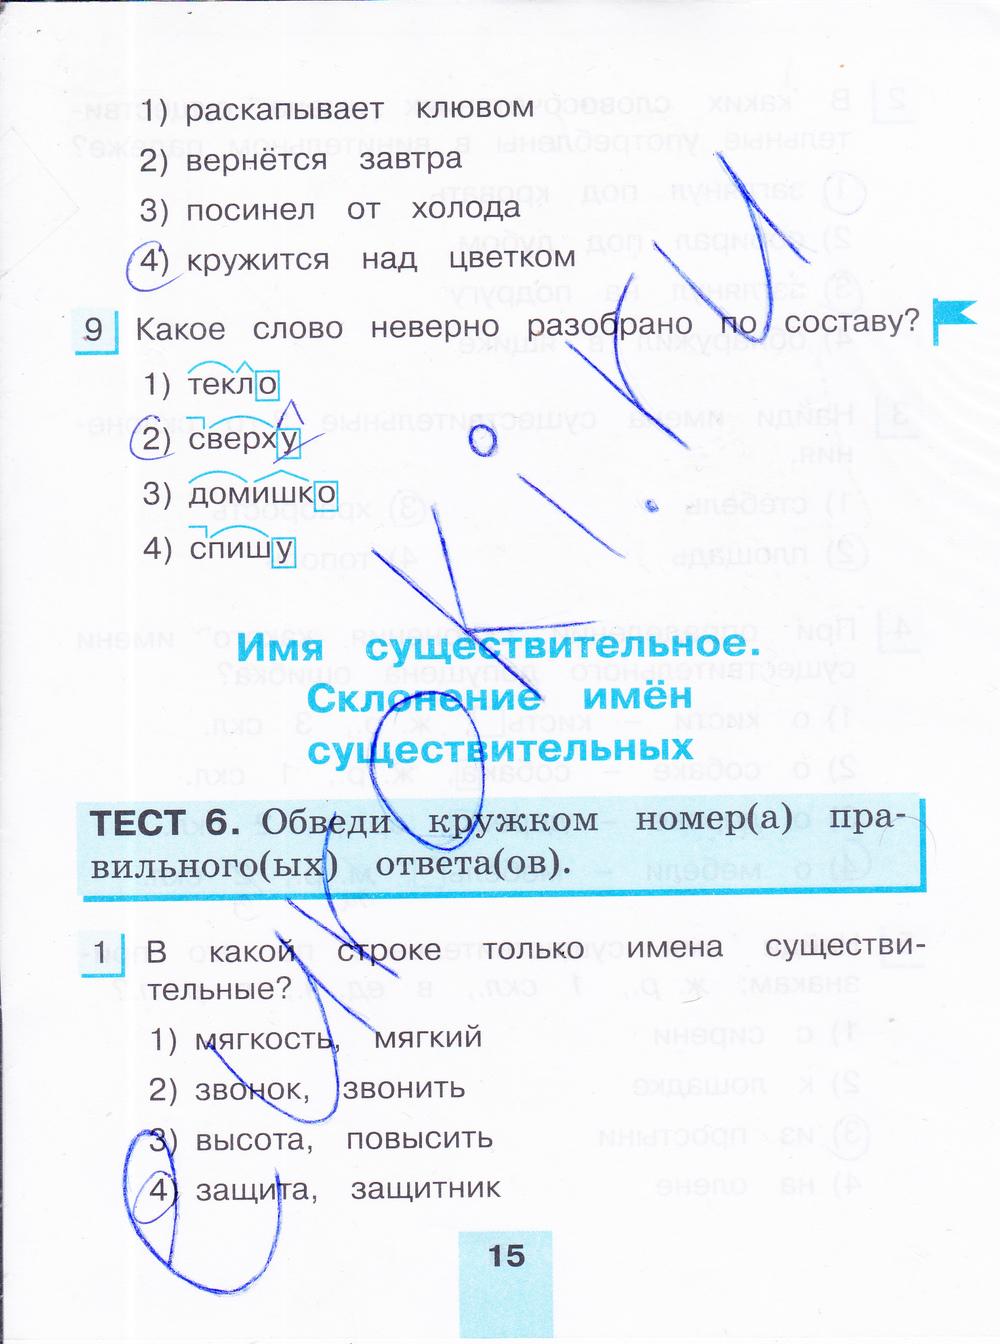 Гдз по русскому языку 2 класс корешкова рабочая тетрадь 2 часть